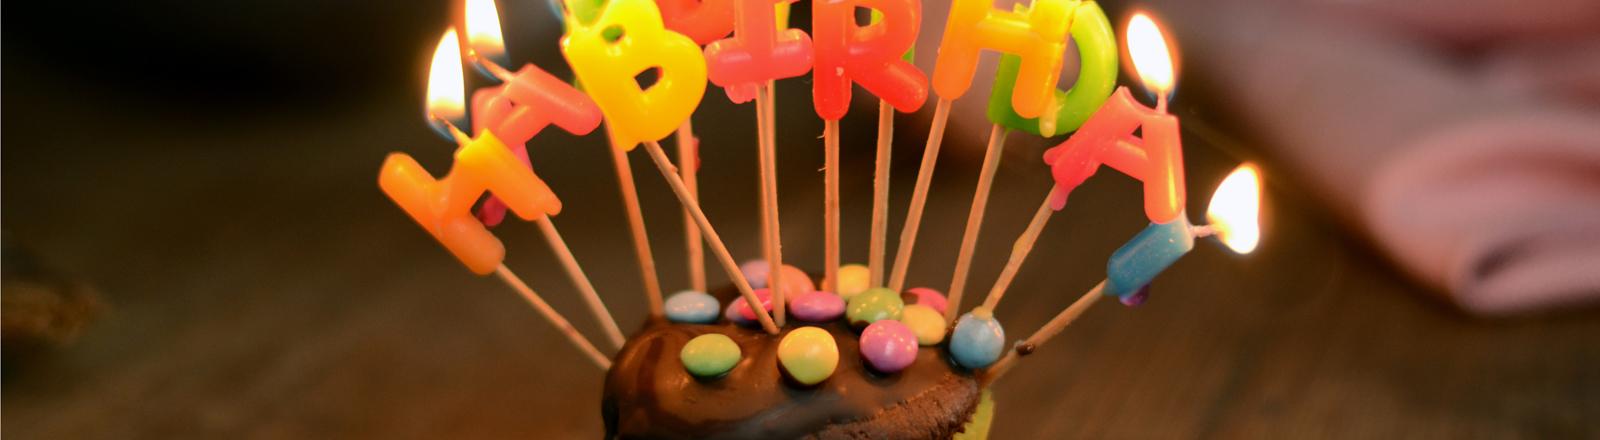 Ein Geburtstagstörtchen mit brennenden Kerzen